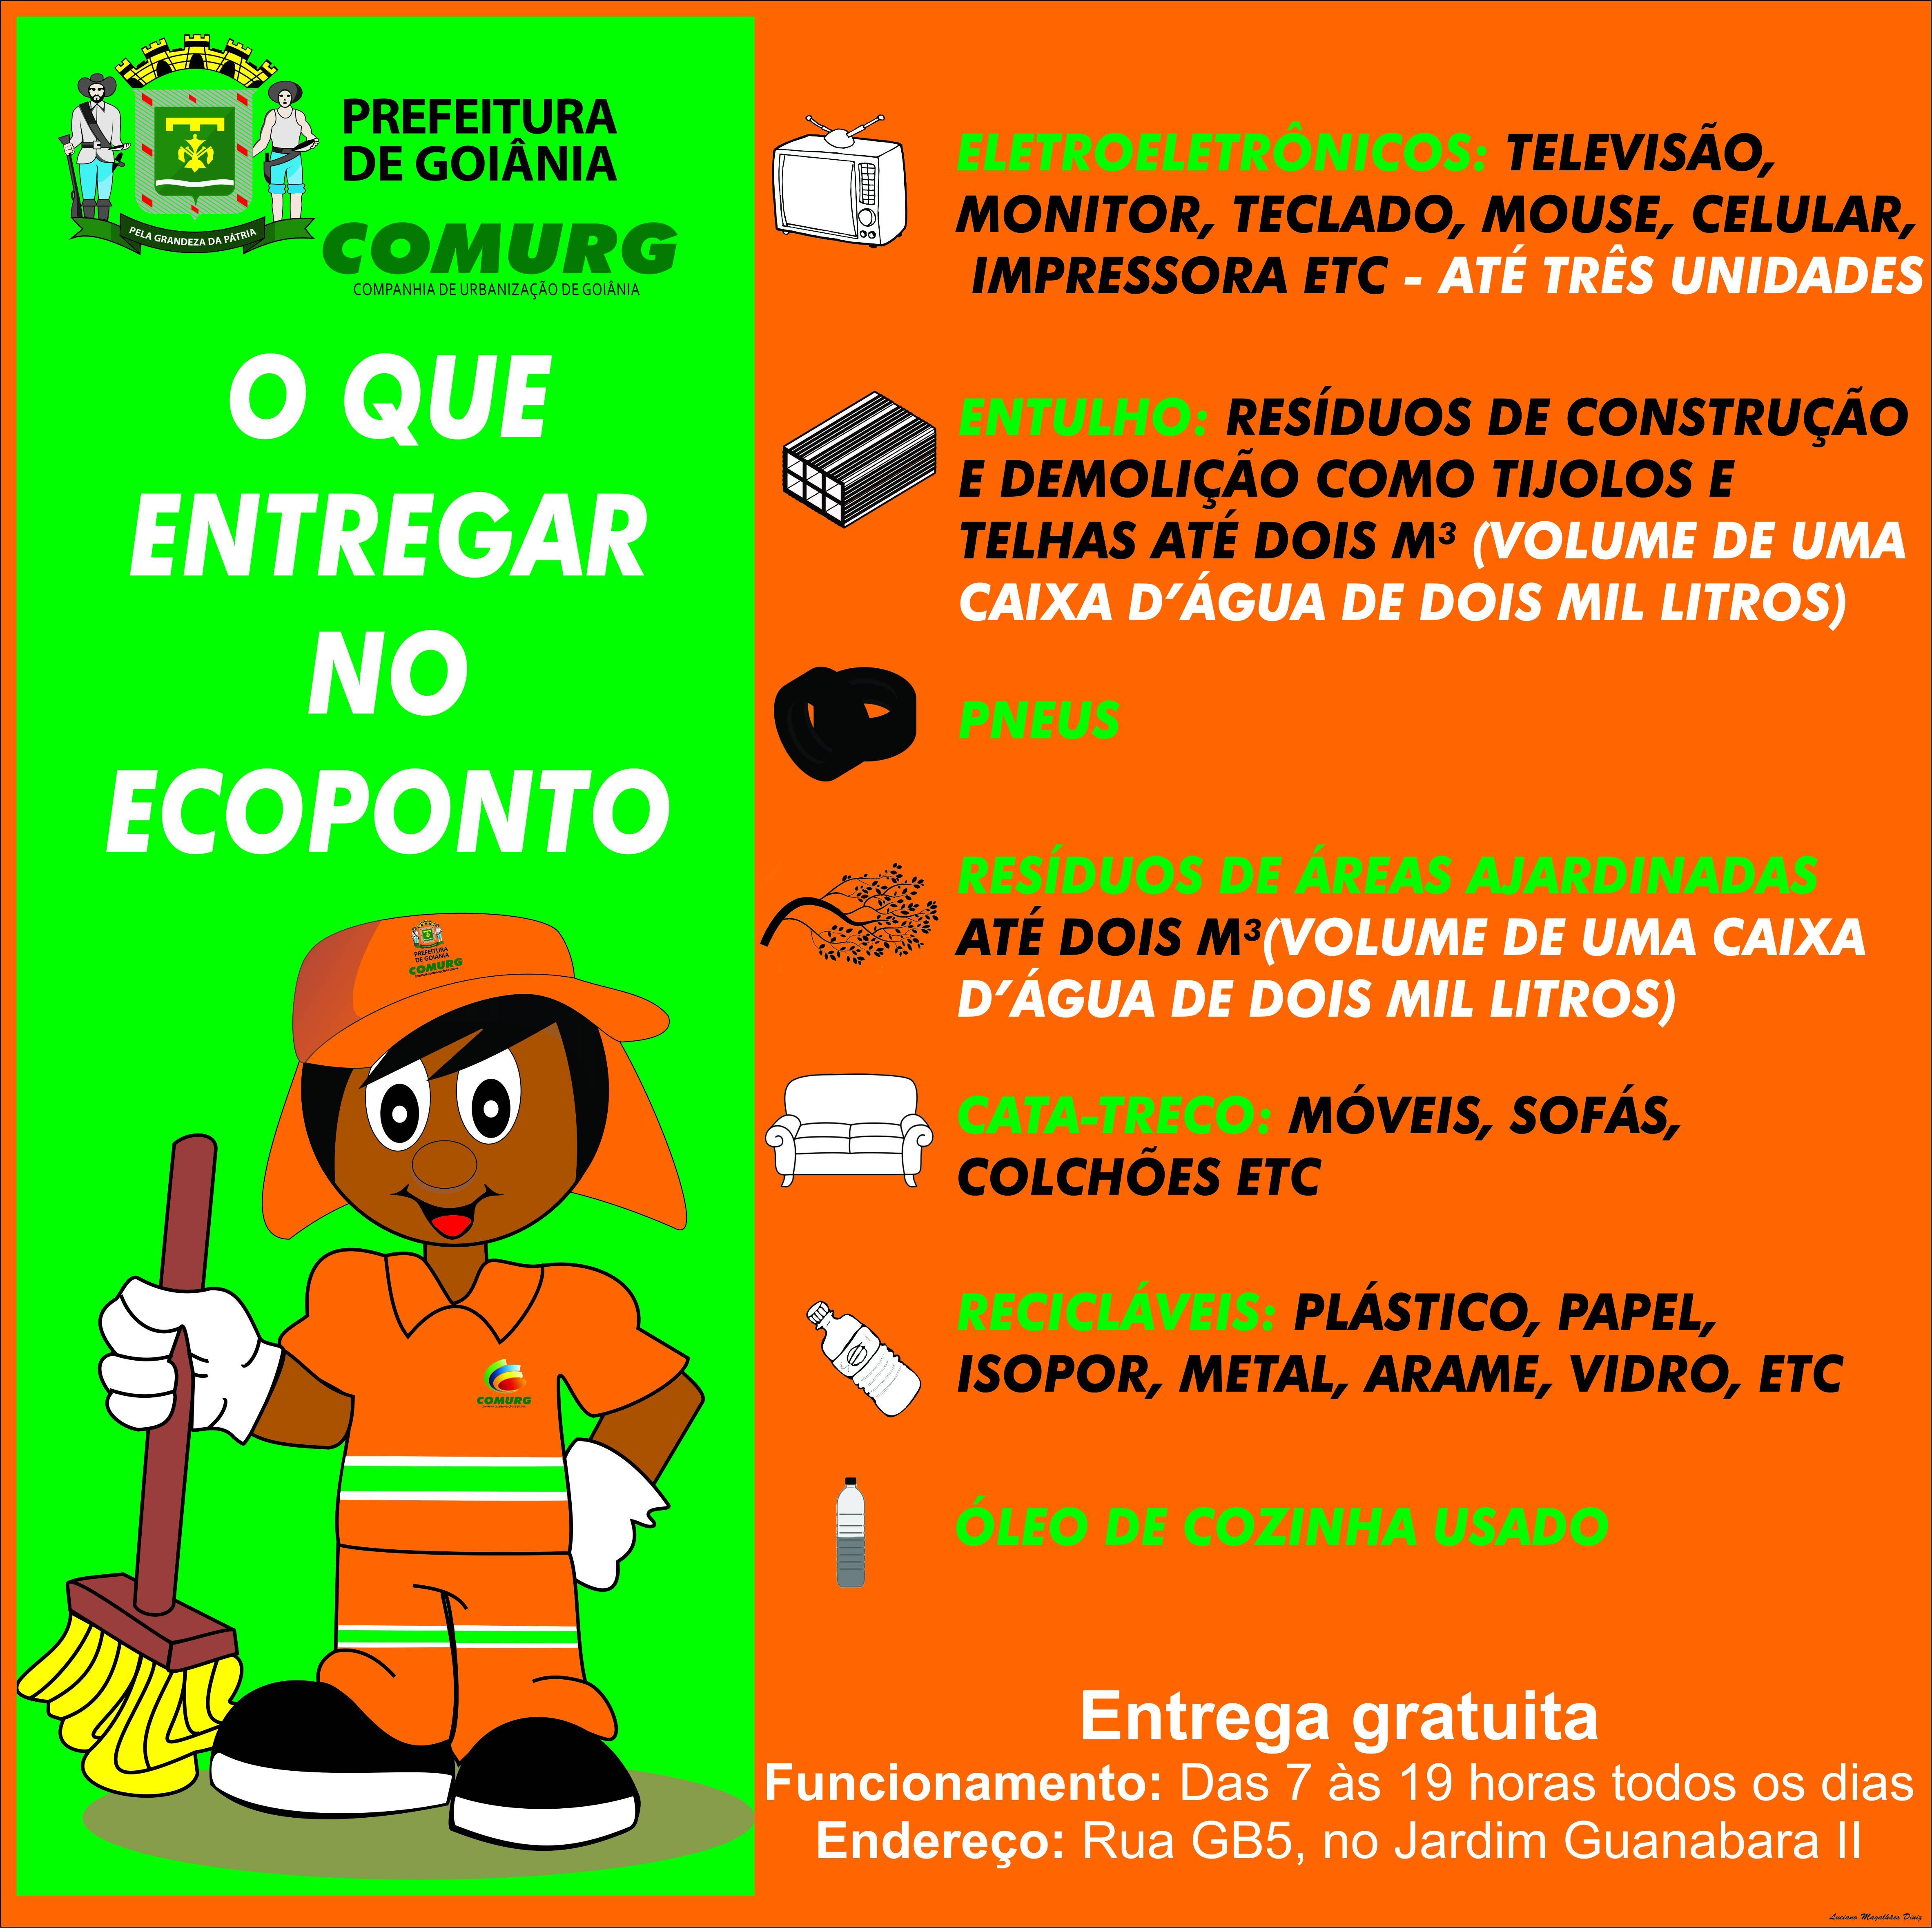 Lista de itens que podem ser depositados gratuitamente no Ecoponto da Comurg em Goiânia | Foto: Divulgação / Comurg